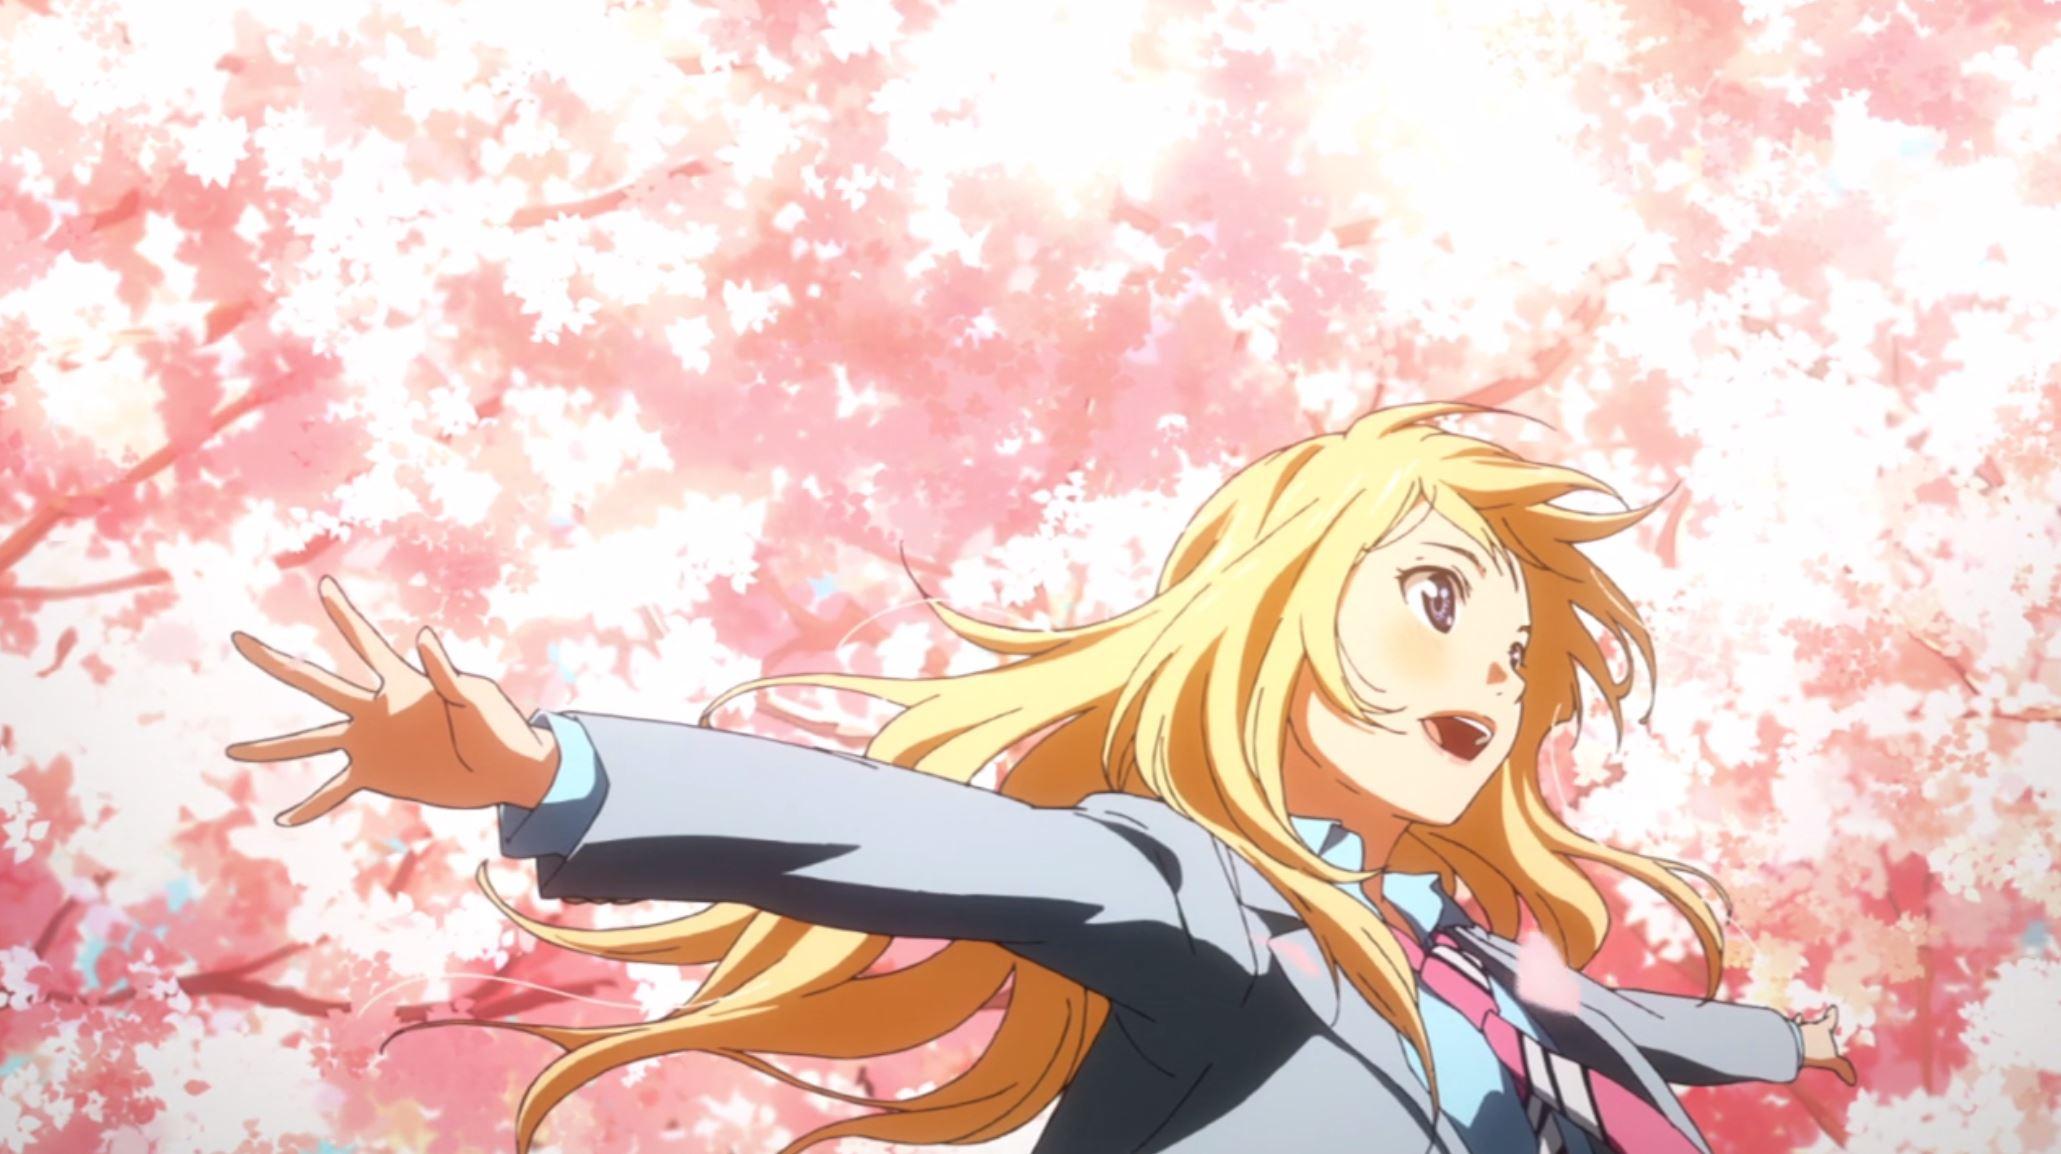 満開の桜の花が咲く中両手を広げる宮園かをり